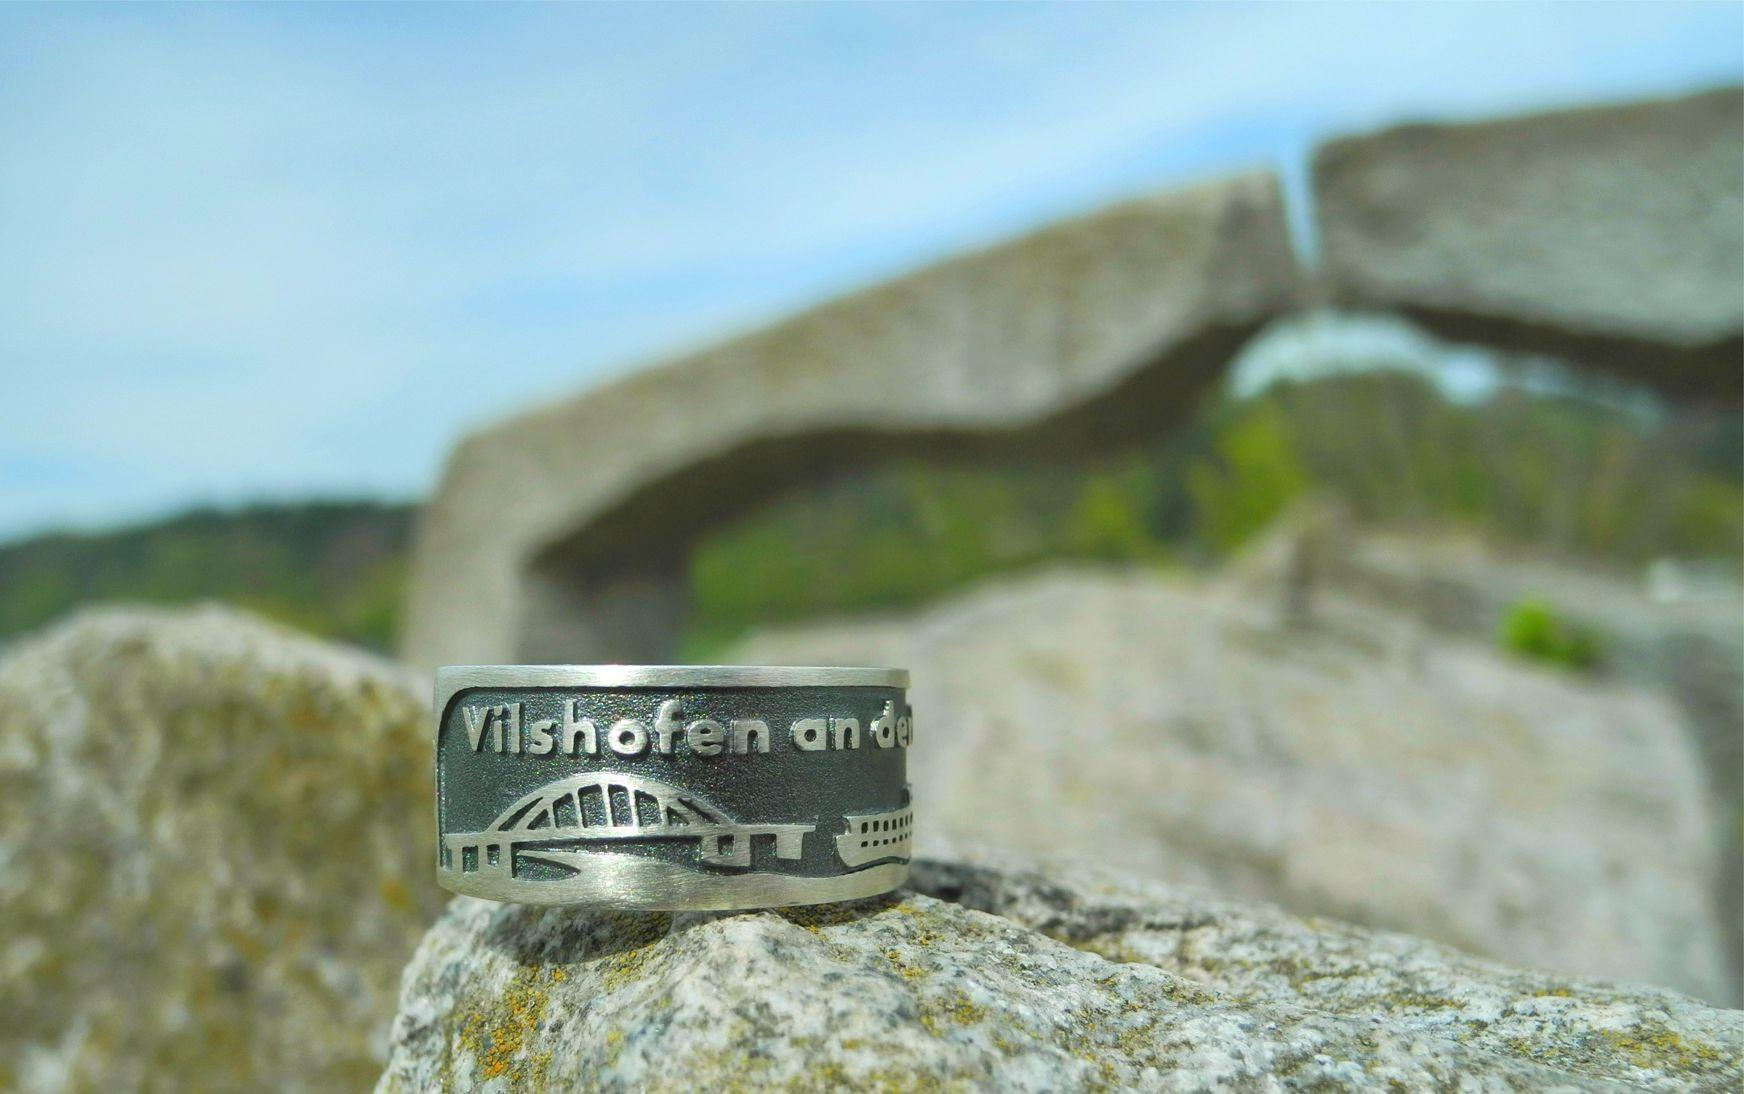 Der Vilshofen-Ring trifft Kunst